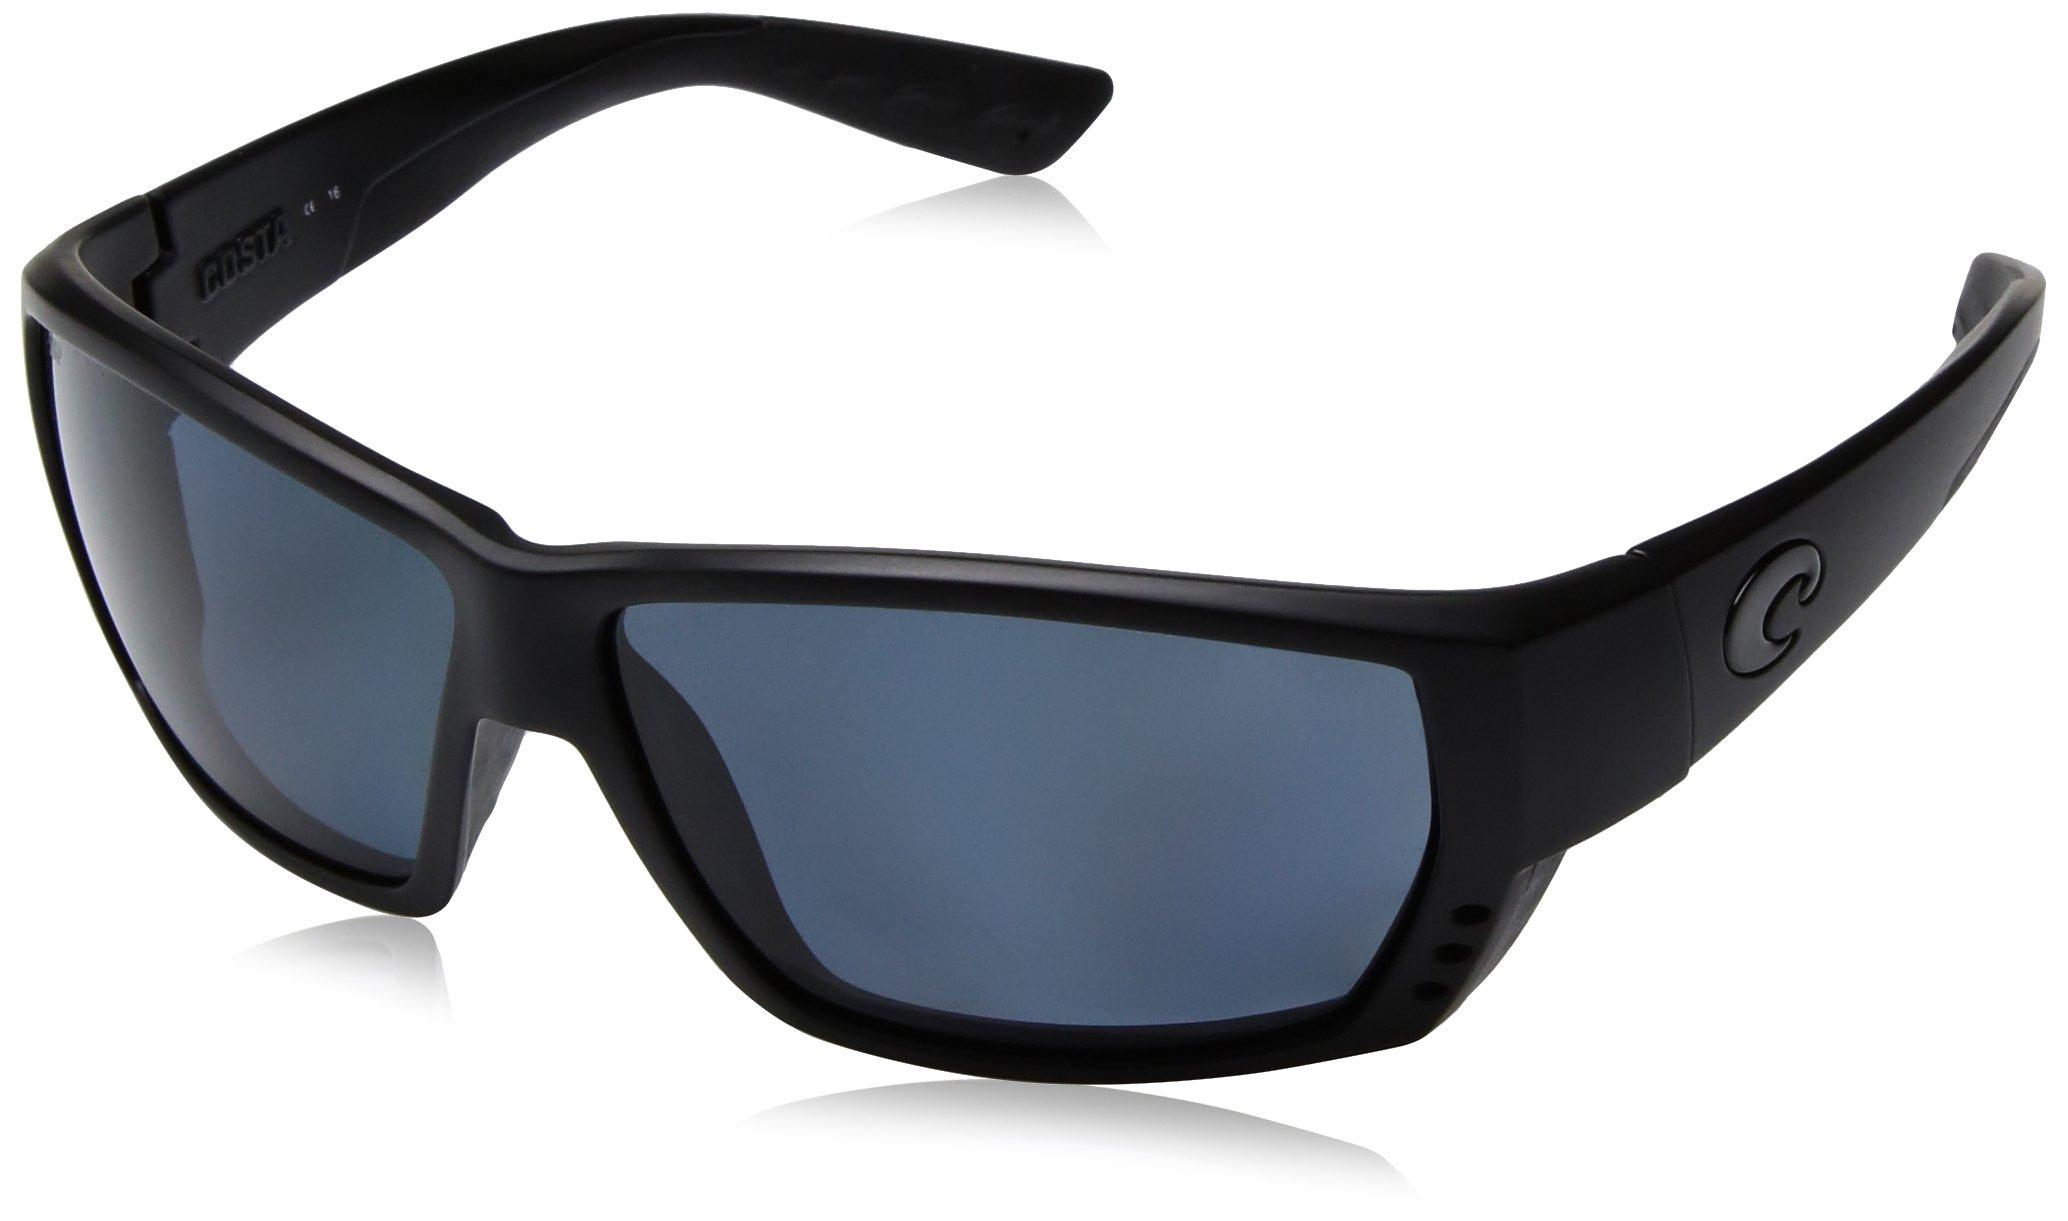 Costa Del Mar Tuna Alley Sunglasses, Blackout, Gray 580P Lens